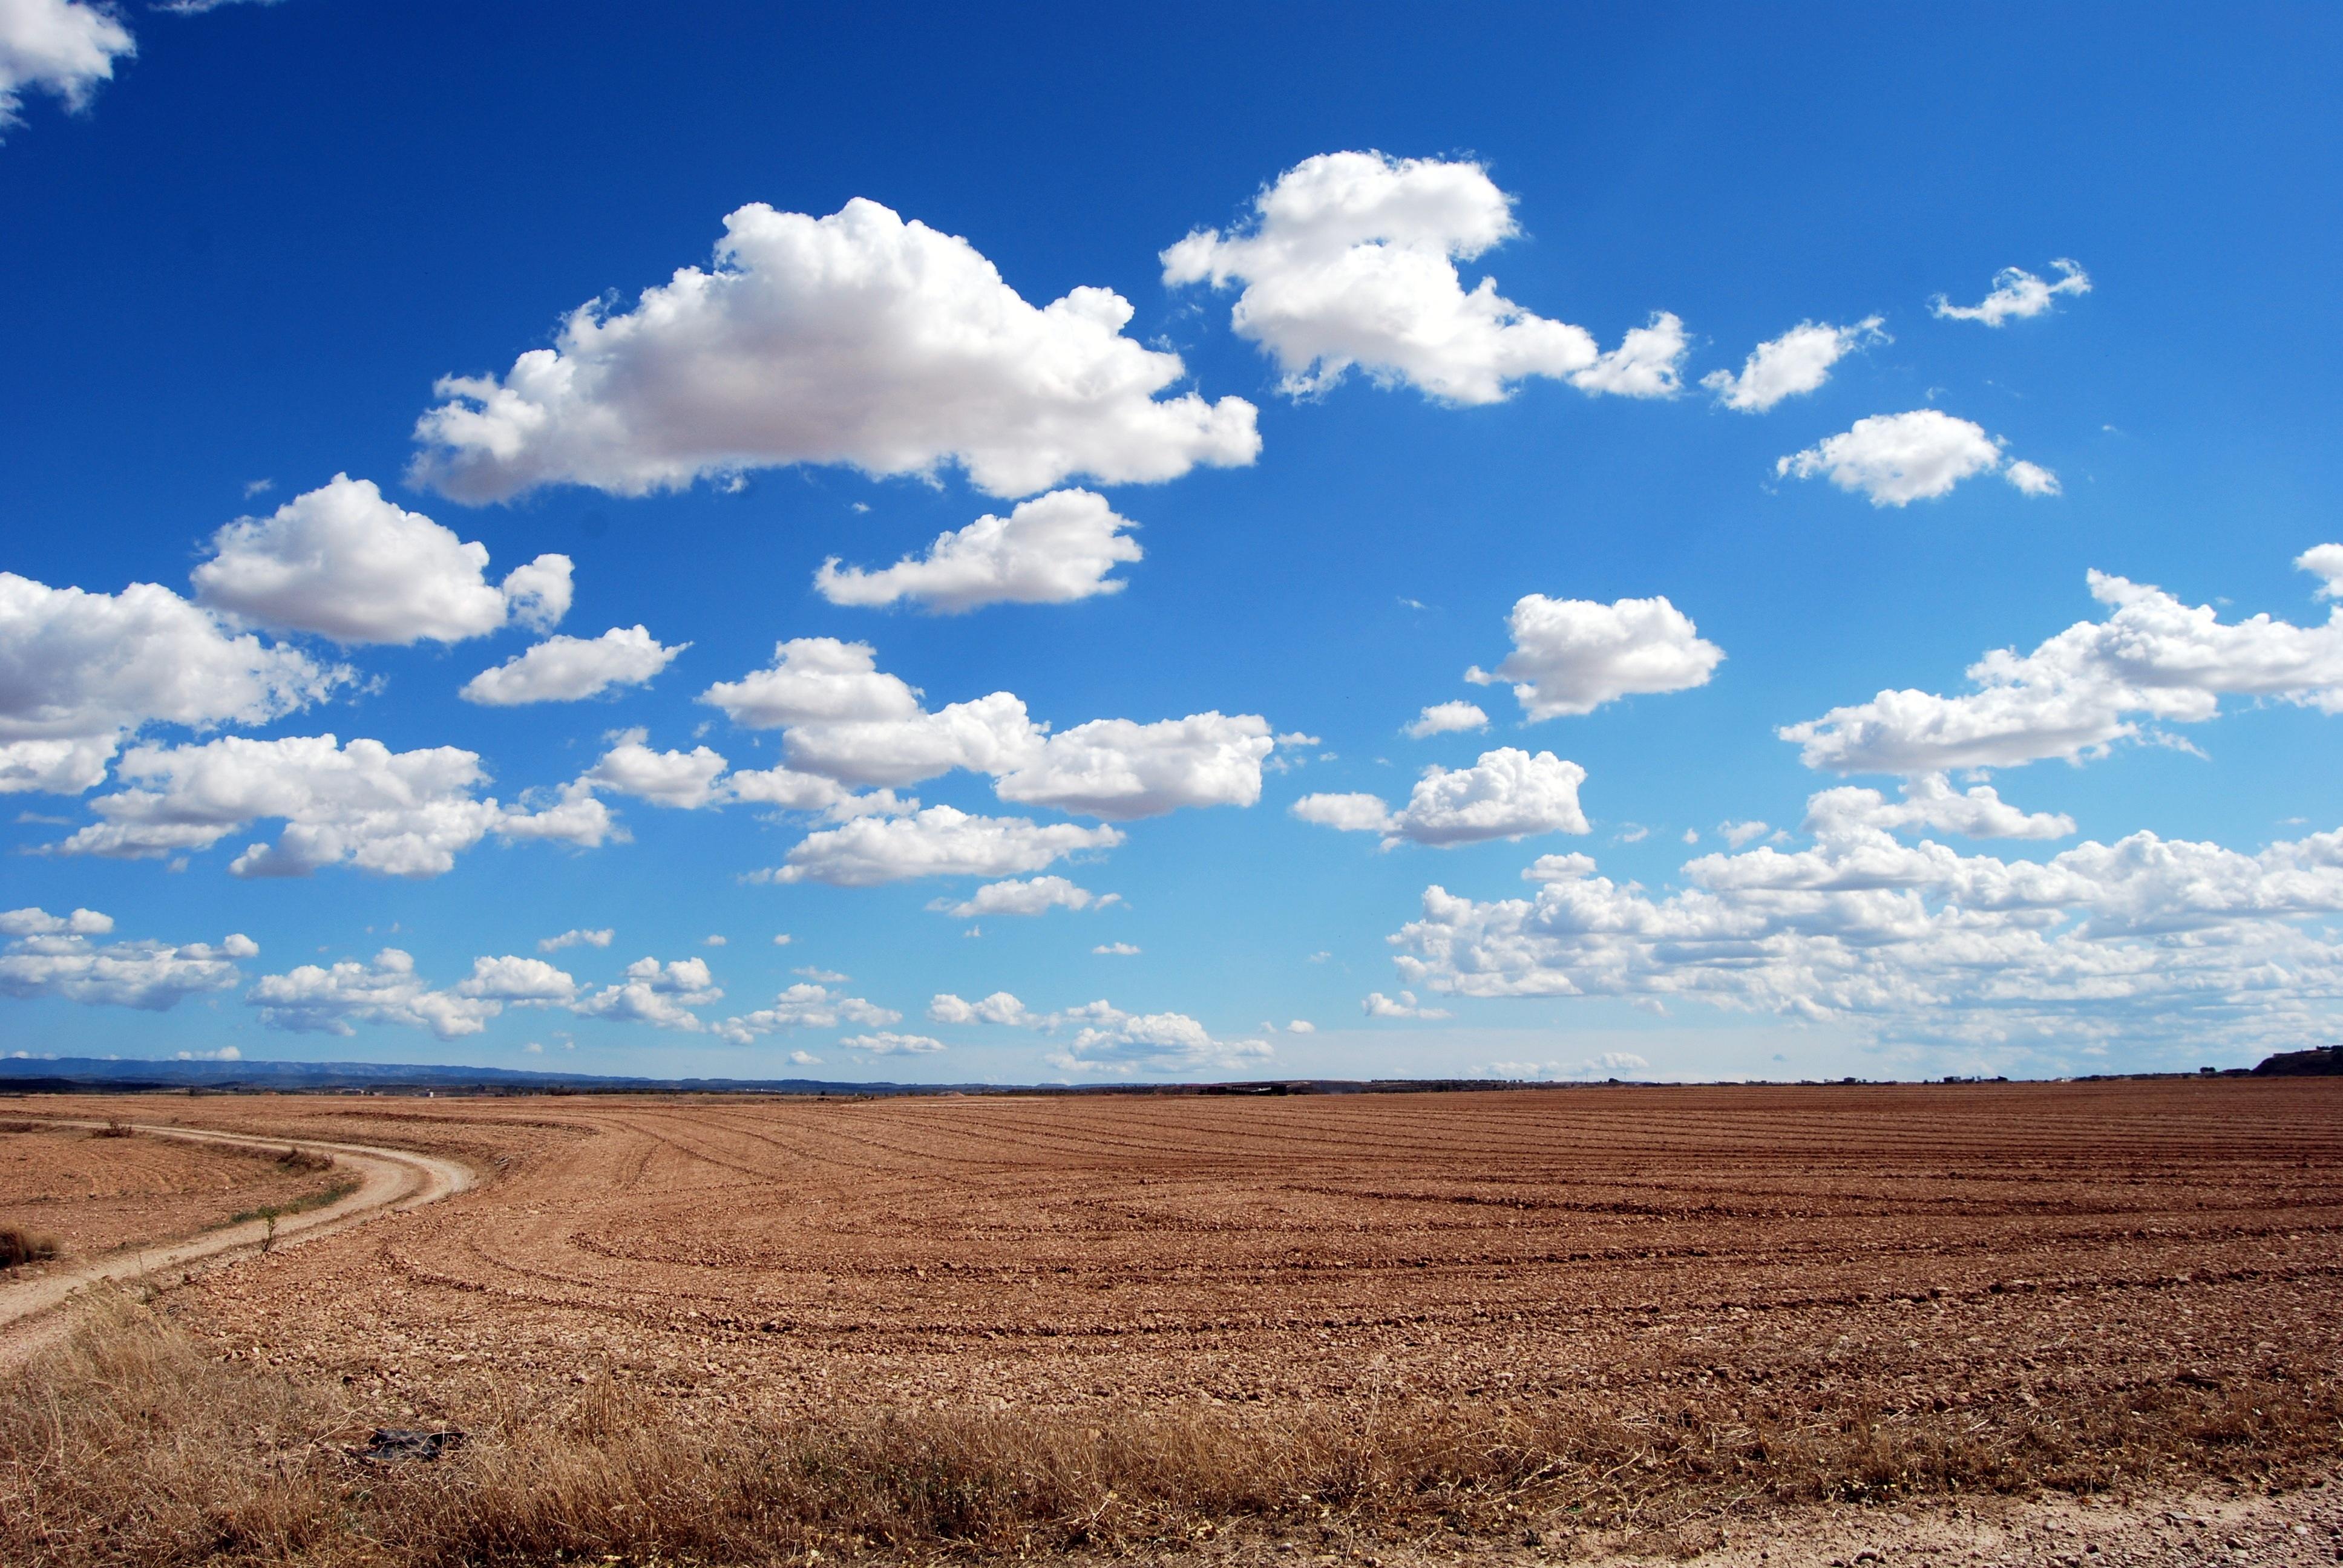 Скачать обои Облака на телефон бесплатно